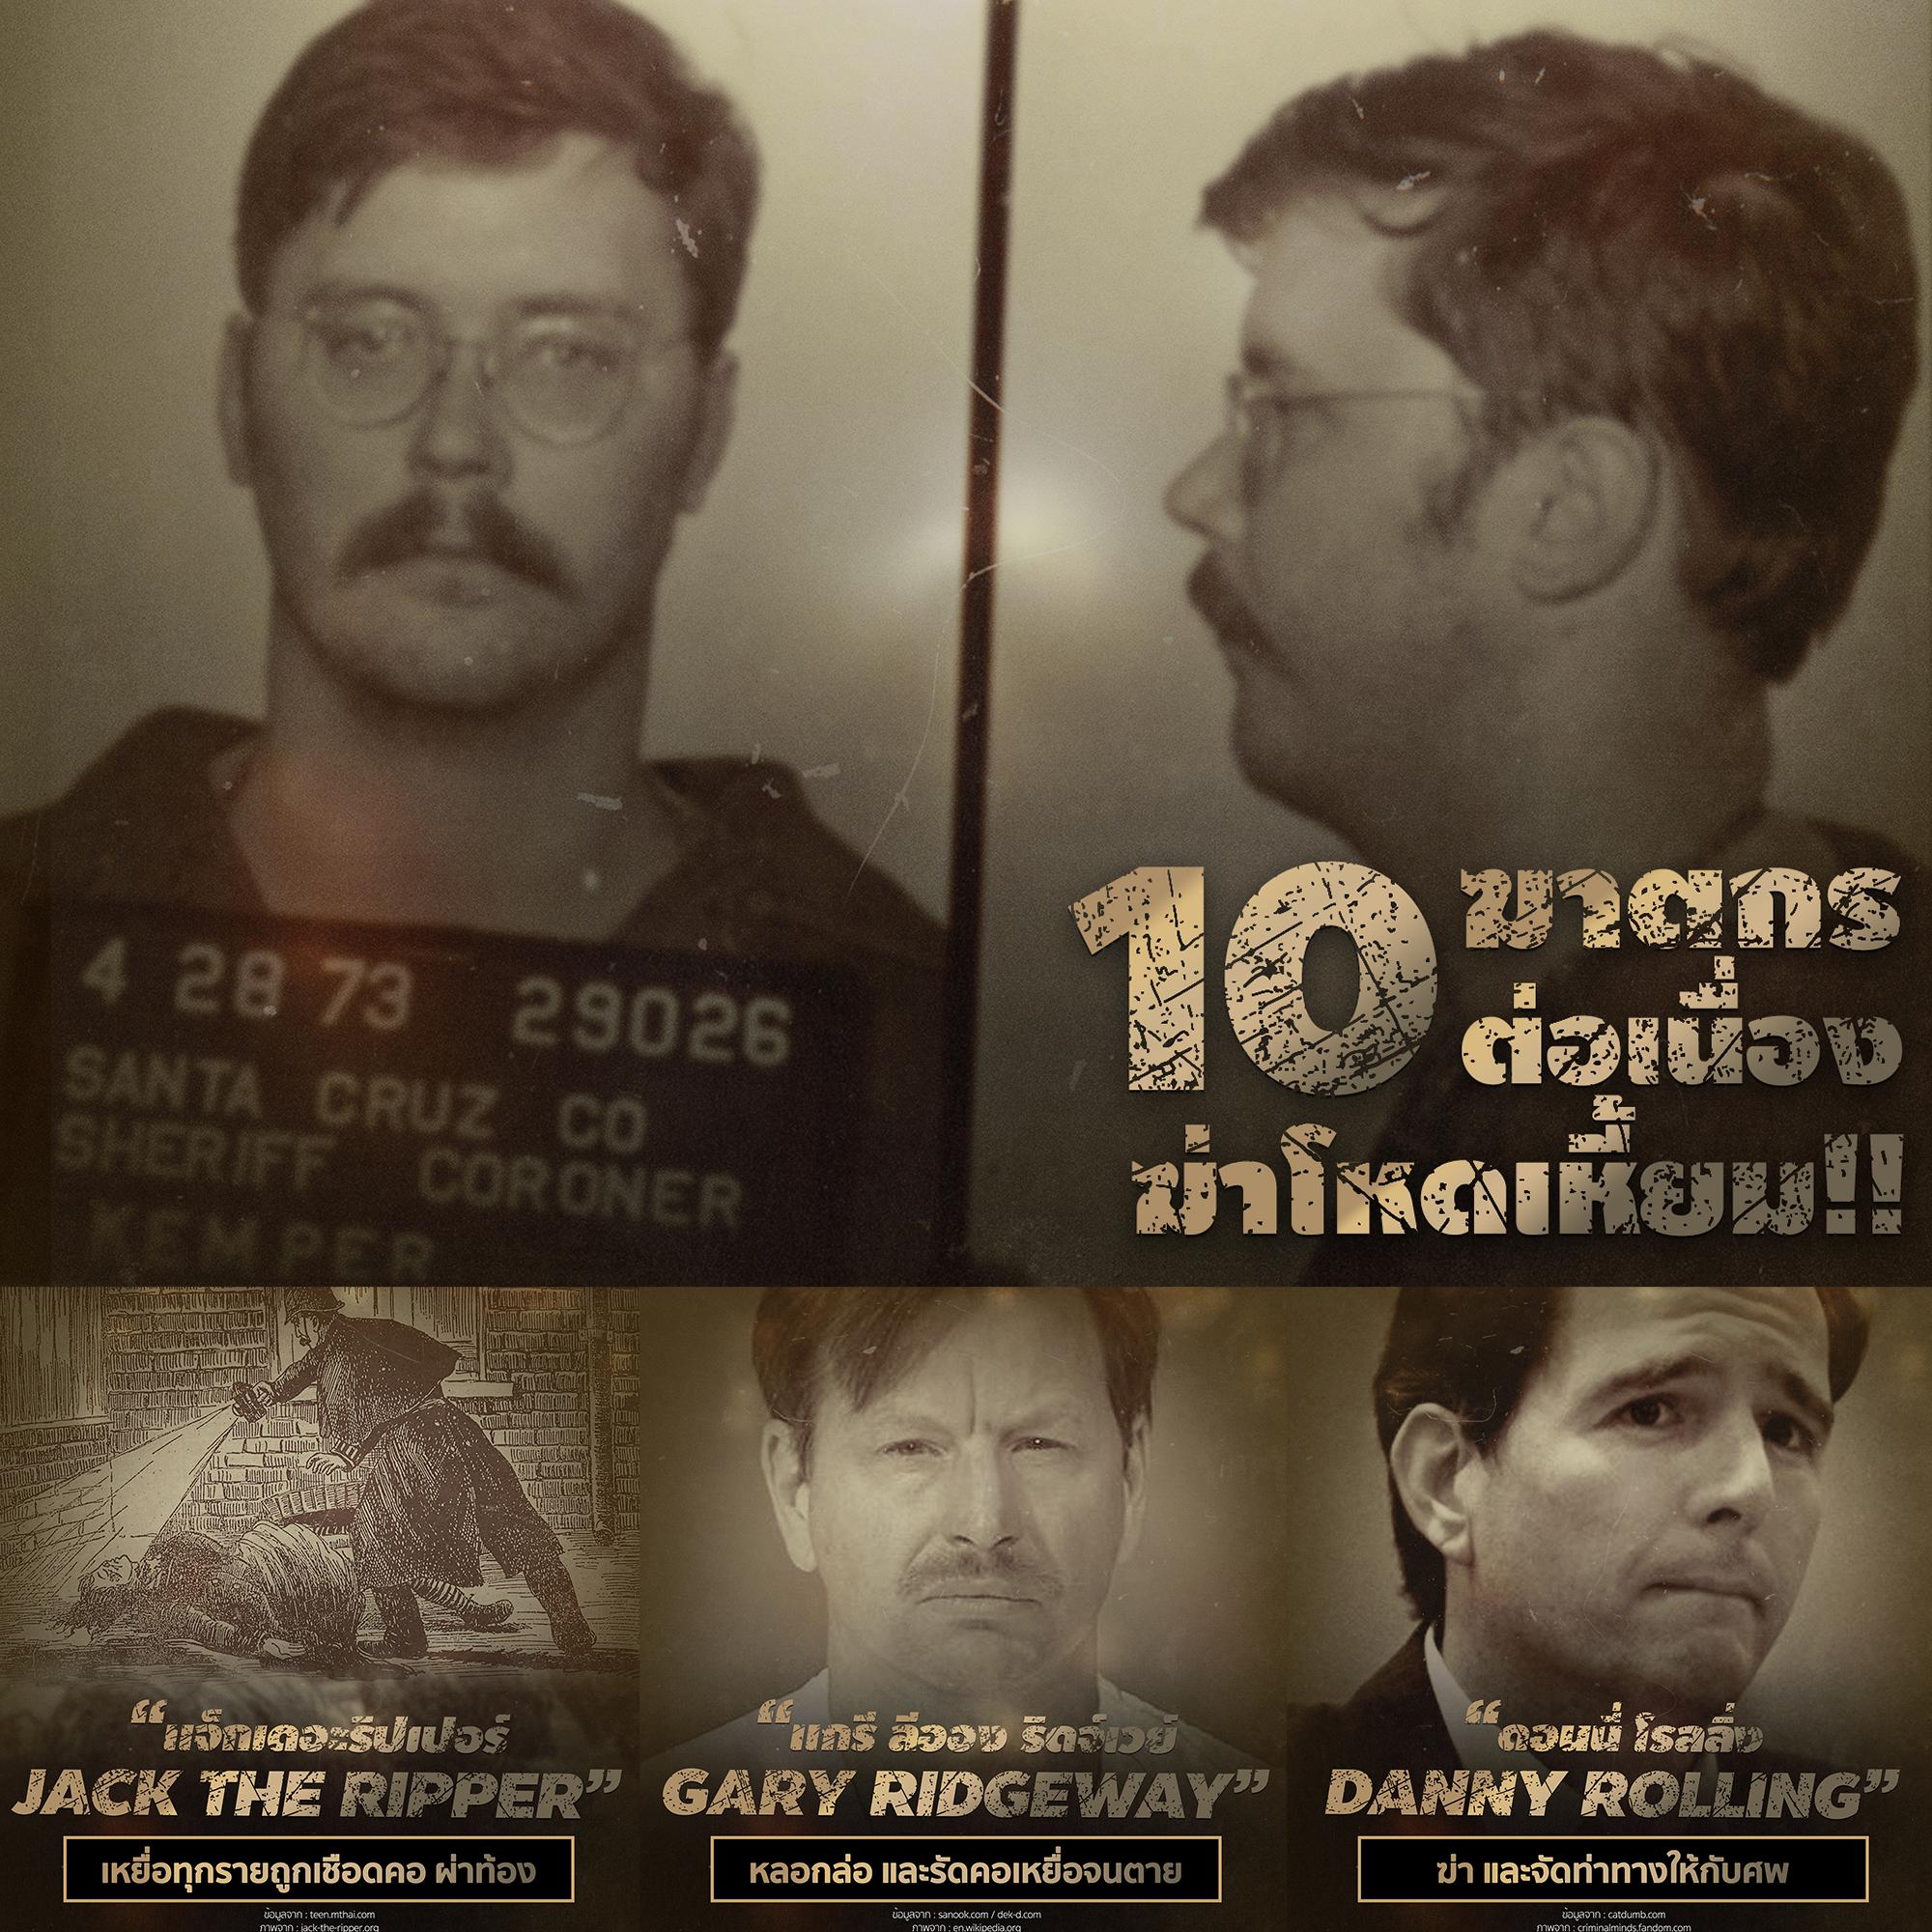 Serial murderers